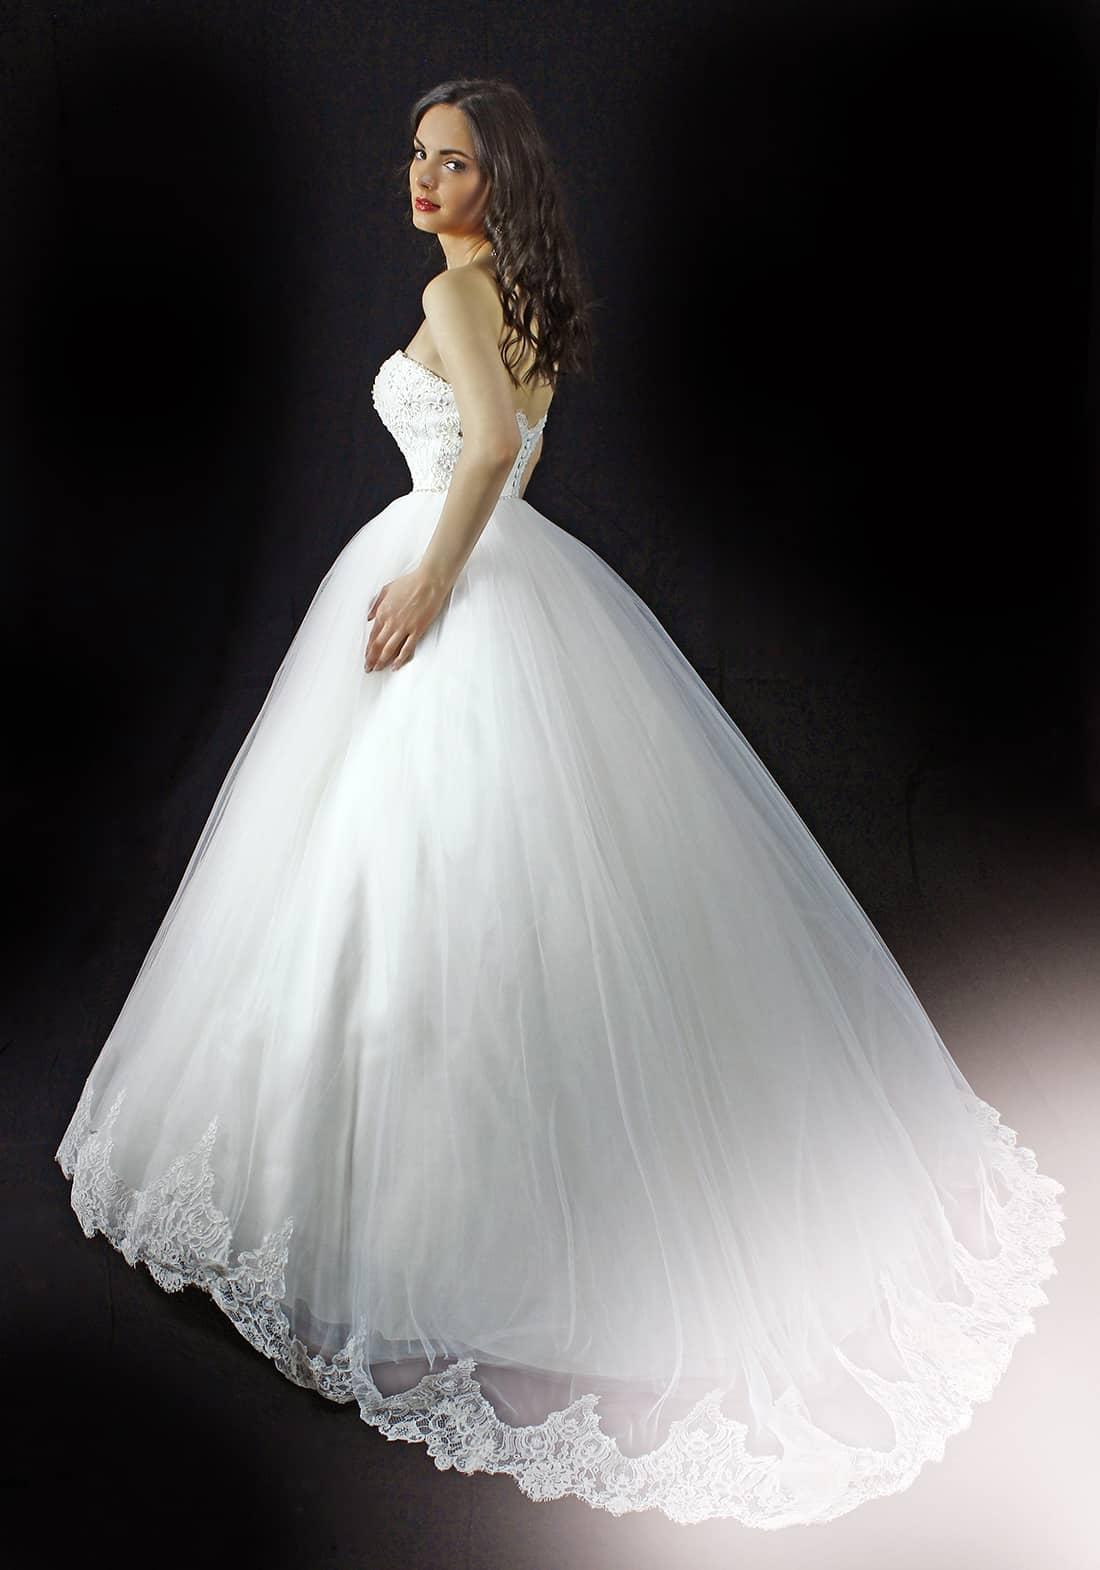 Rochie de mireasa Pilar Model - Colectia Dreams - Adora Sposa (2)